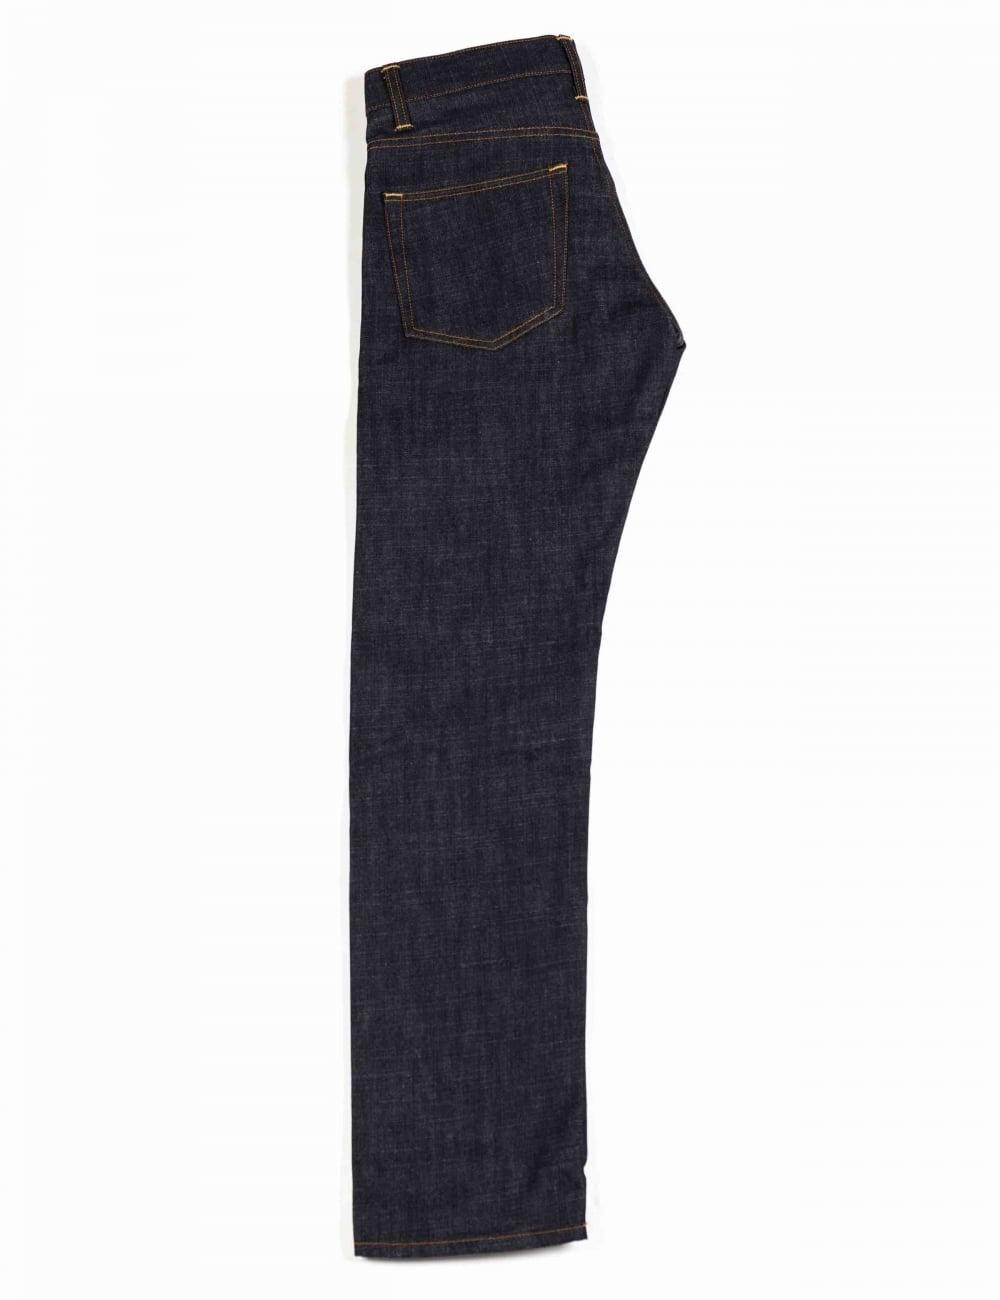 Nihama Japanese Denim Carhartt WIP Oakland Pant Blue Rigid